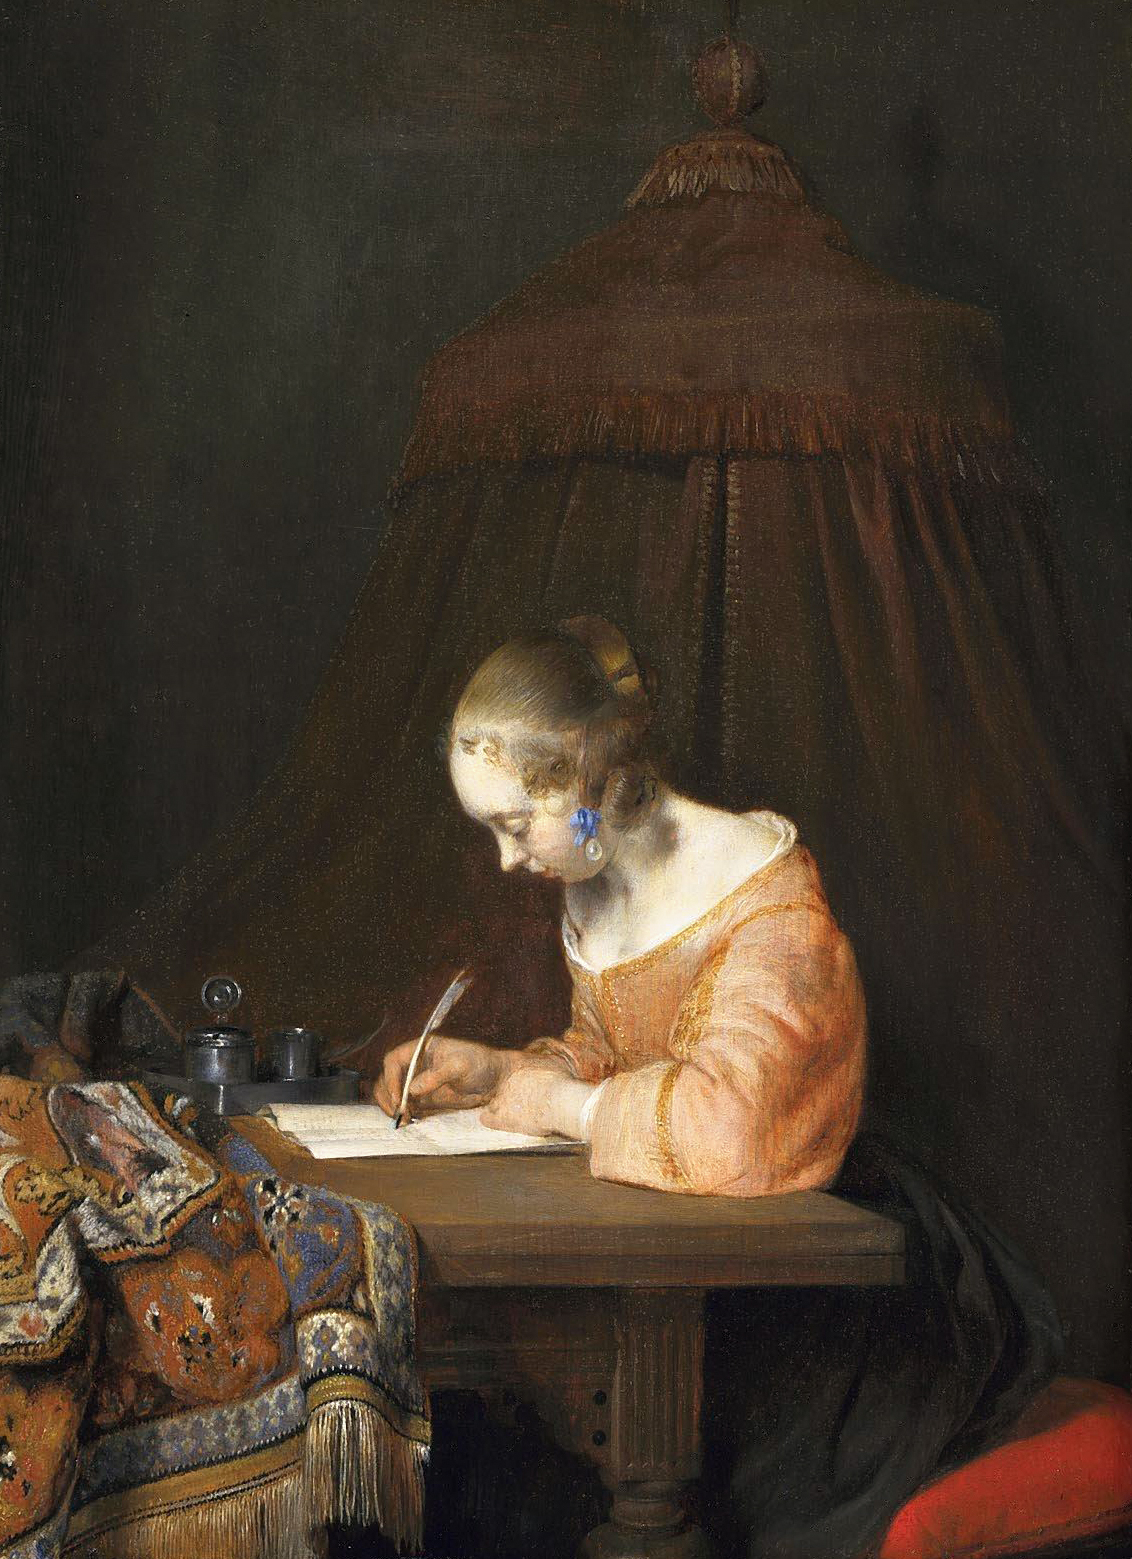 Literatura barroca y del descubrimiento: Actividades de la